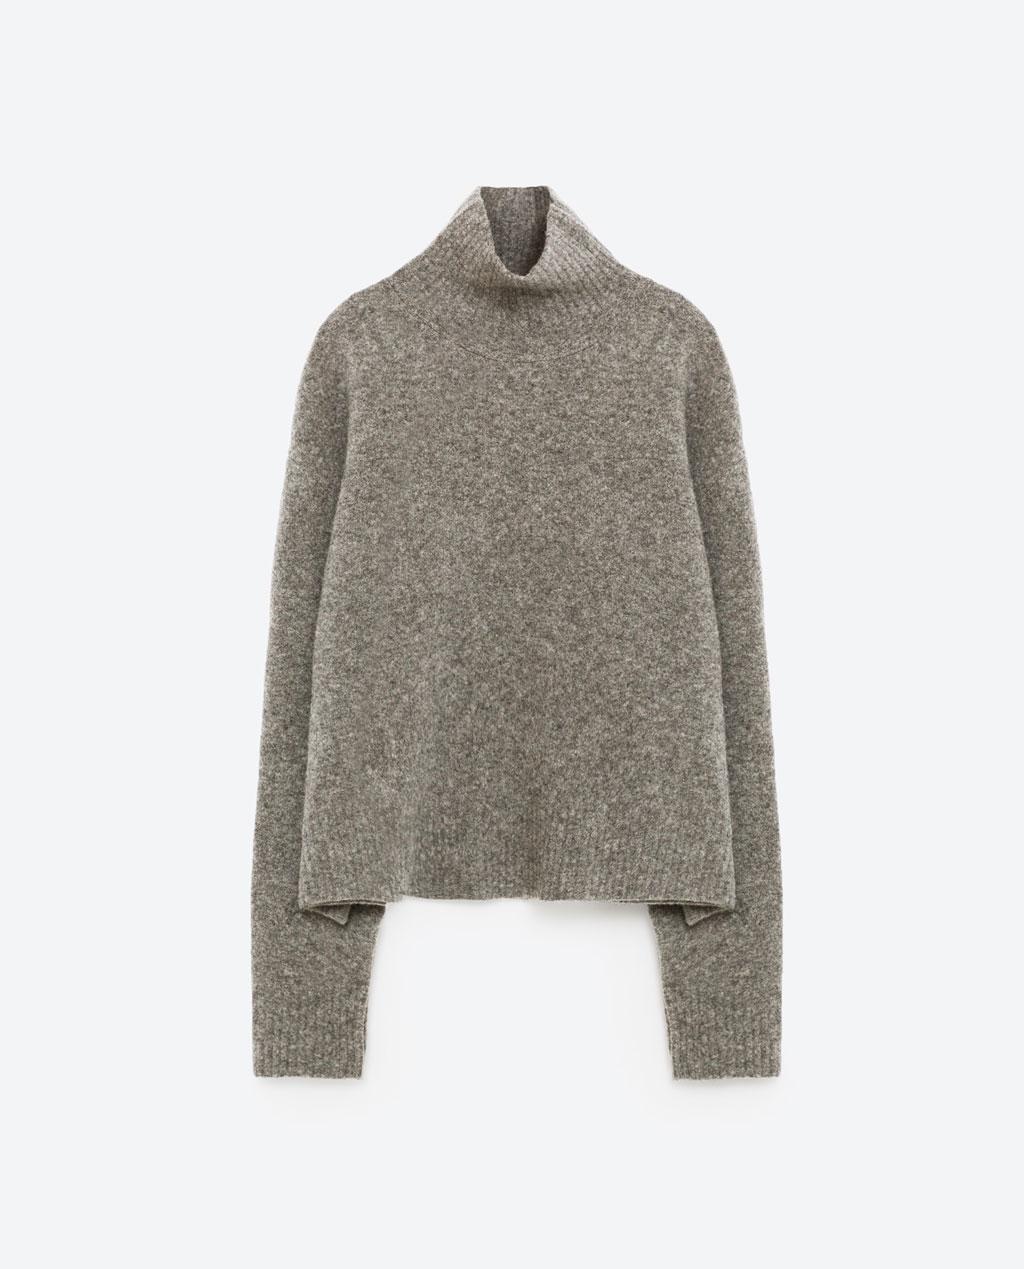 wool sweater $100